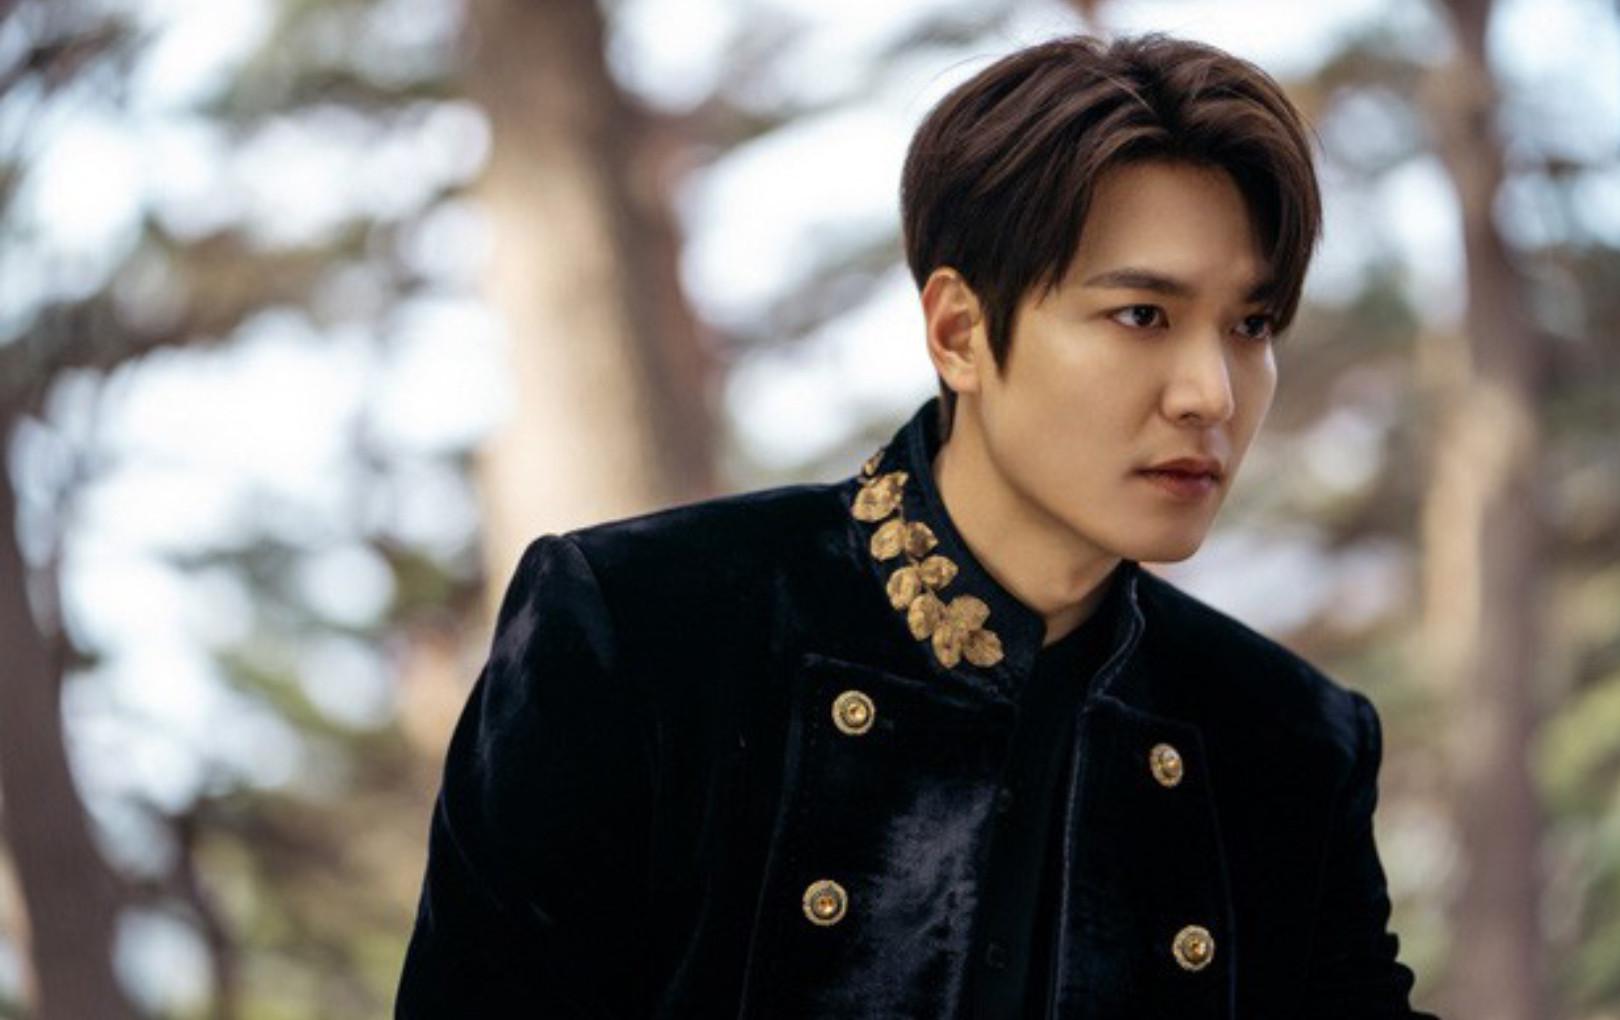 Trọn bộ ảnh đẹp hút hồn của Lee Min Ho trong phim mới, thần thái ngút ngàn khiến ai cũng trầm trồ